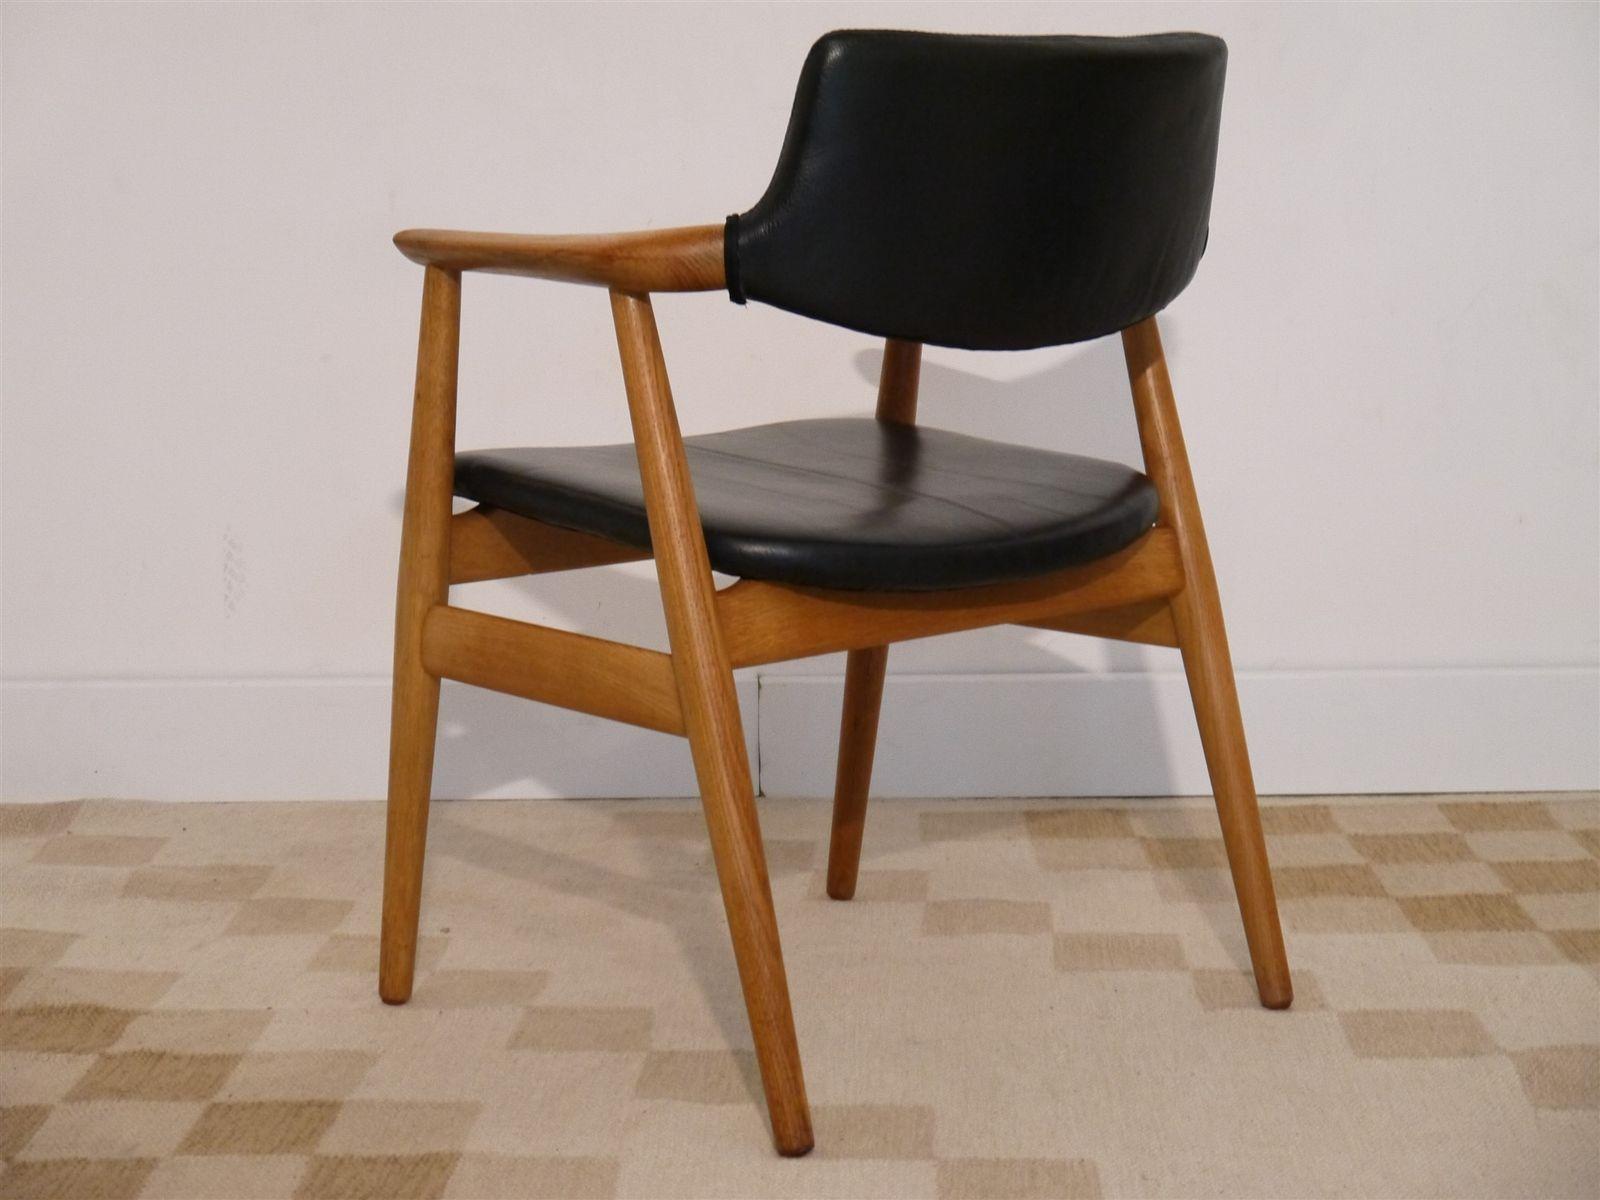 Vintage Danish Office Chair By Erik Kirkegaard For